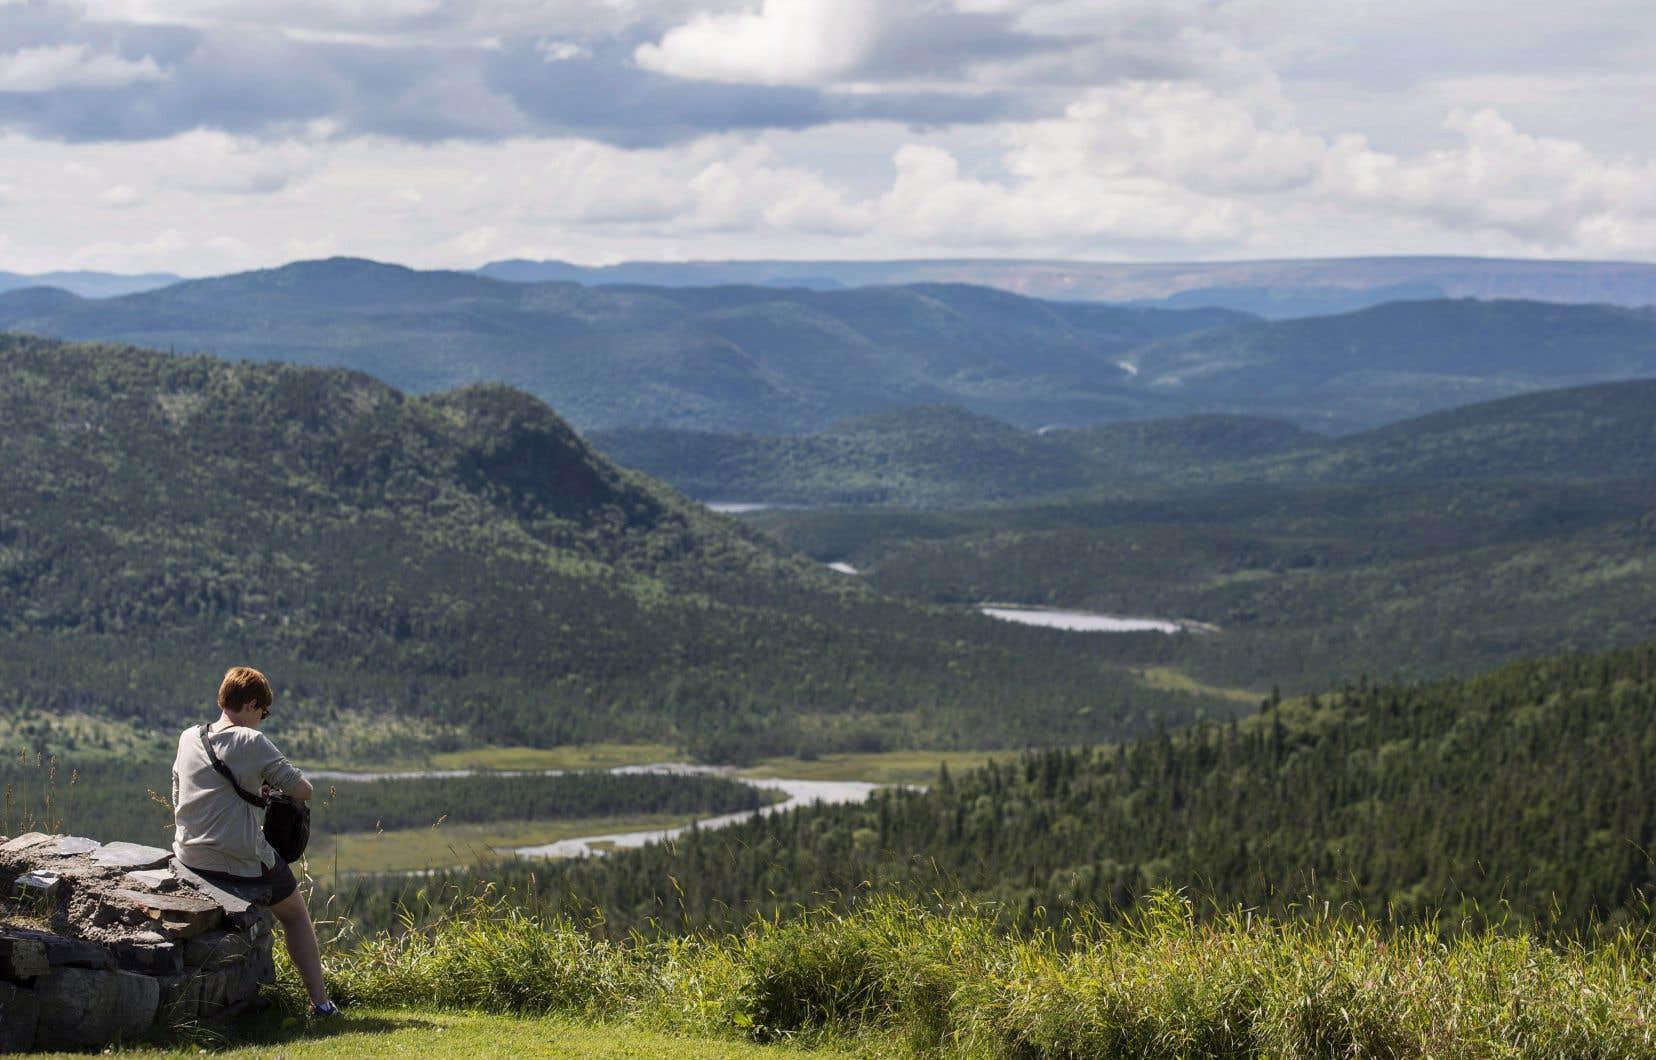 Une touriste visite le Parc national du Gros-Morne, dans la région de Terre-Neuve.